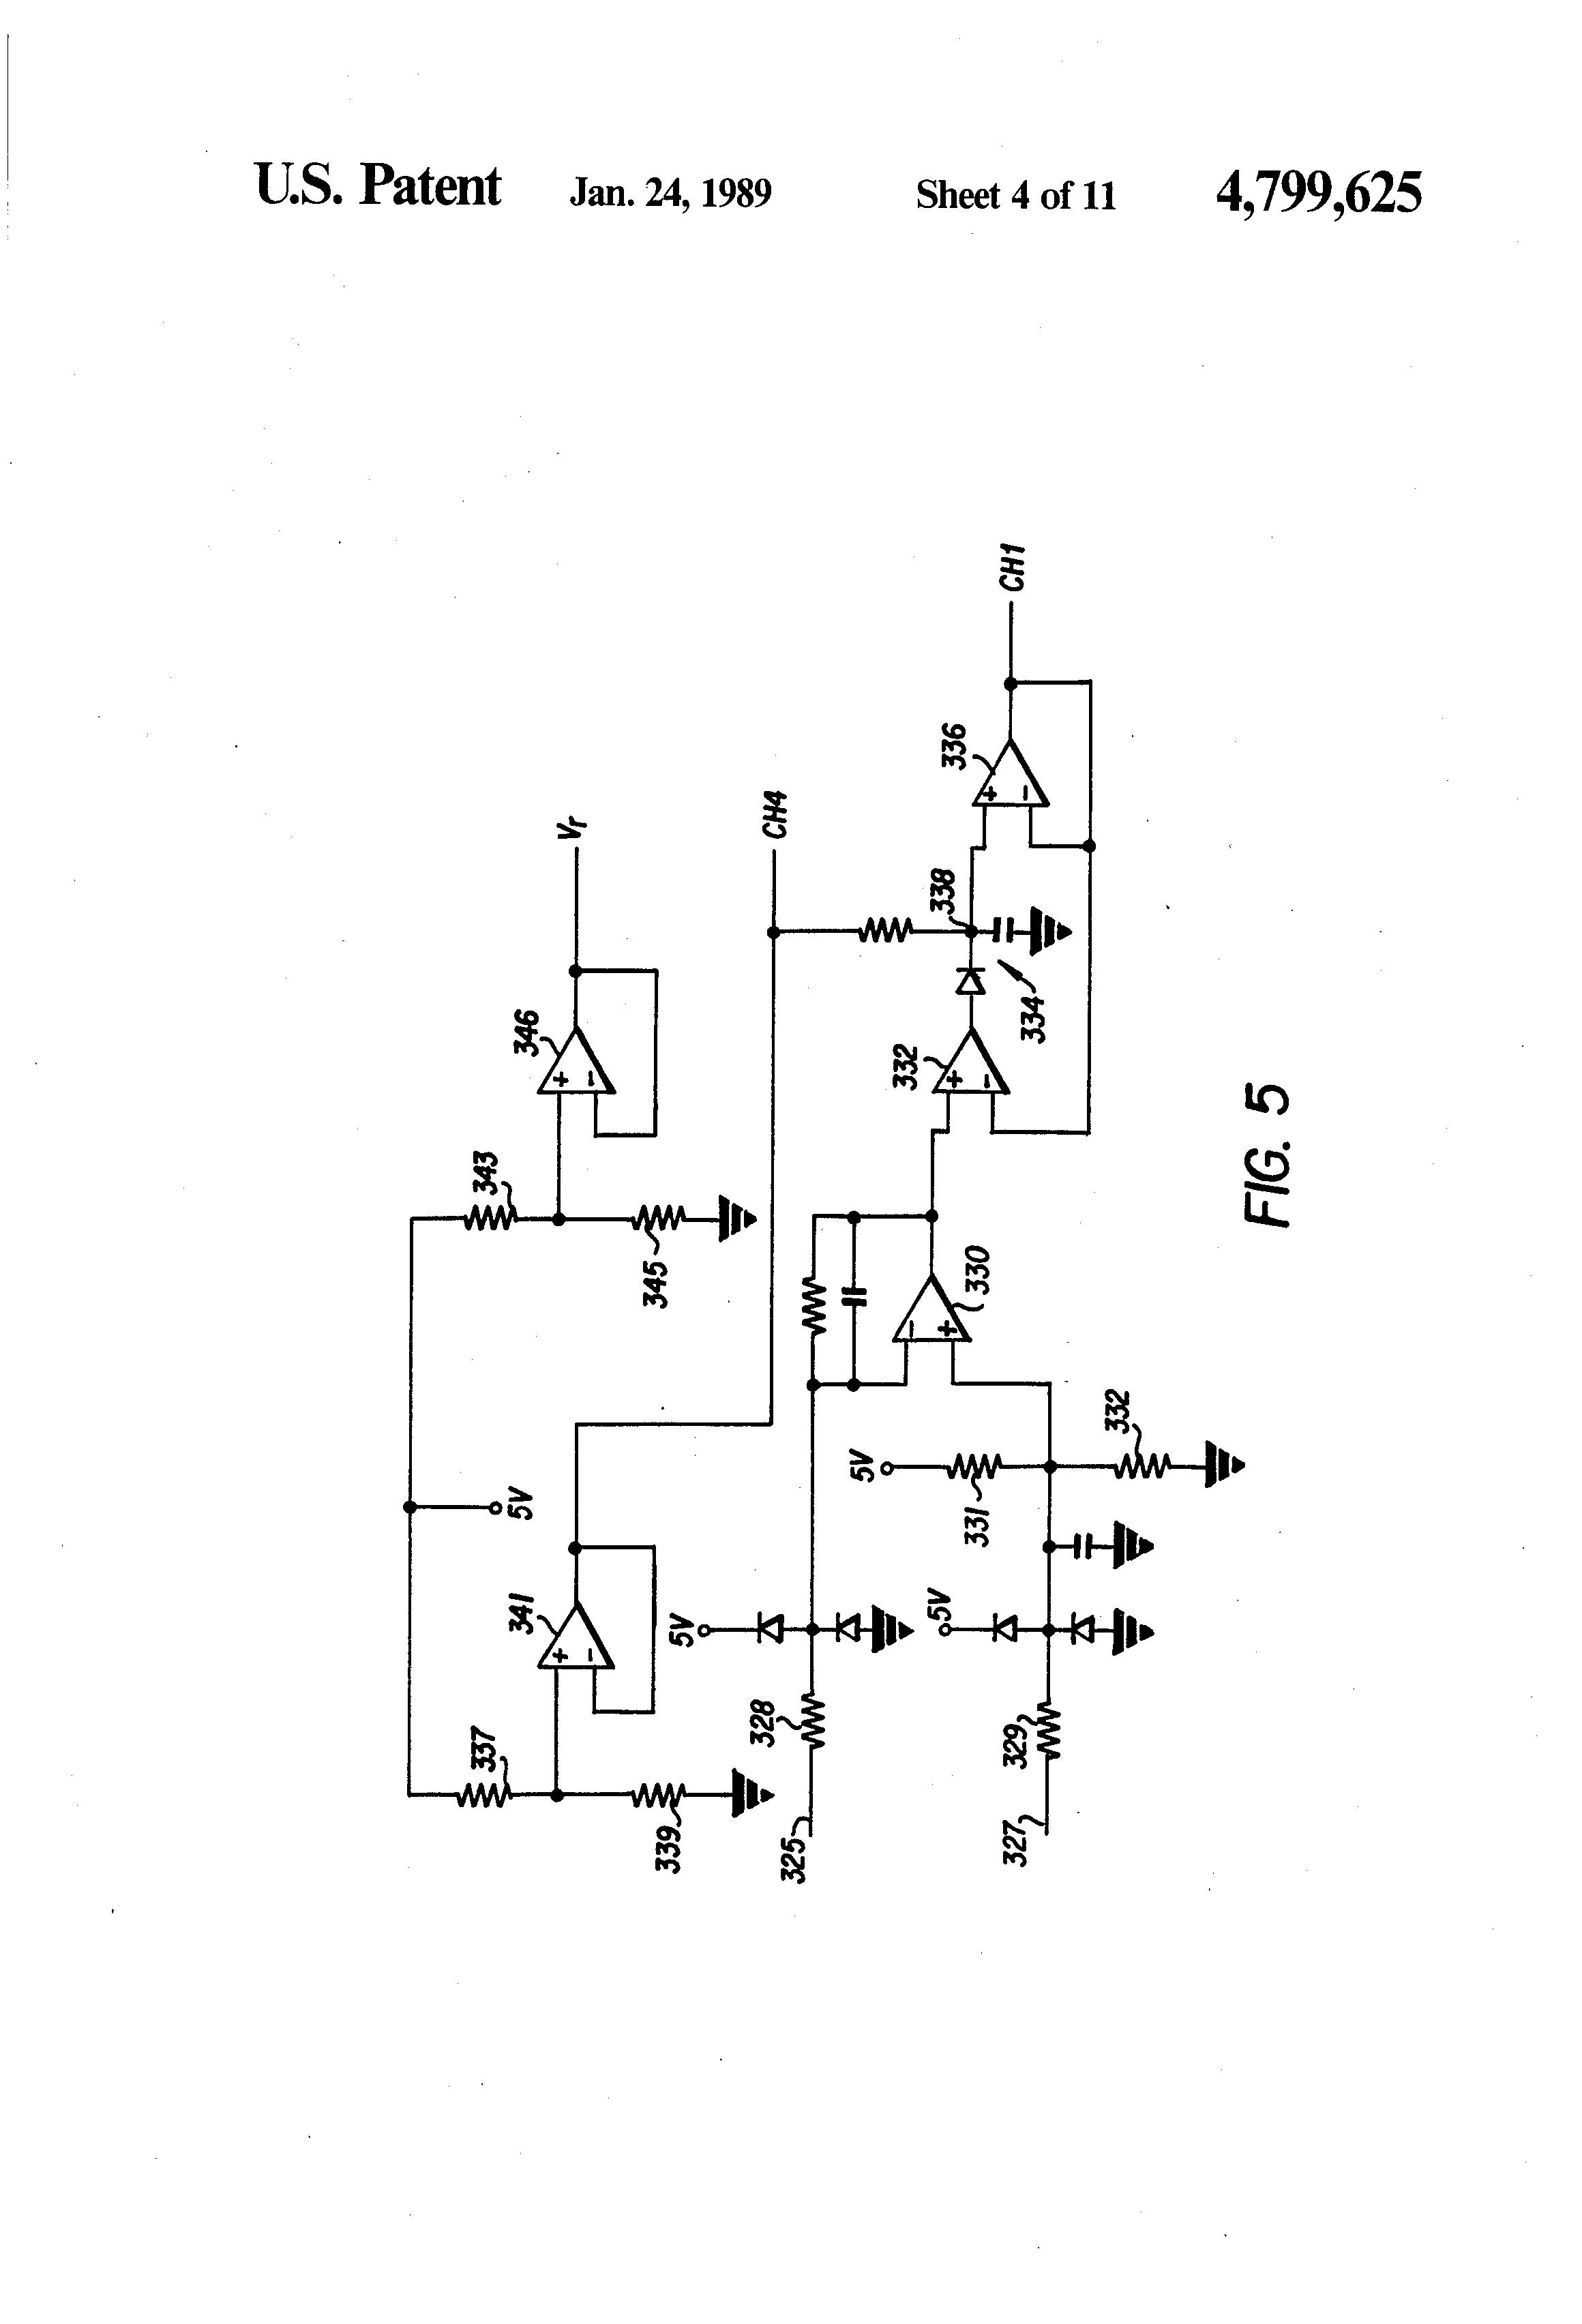 Vermeer Lm42 Wiring Diagram